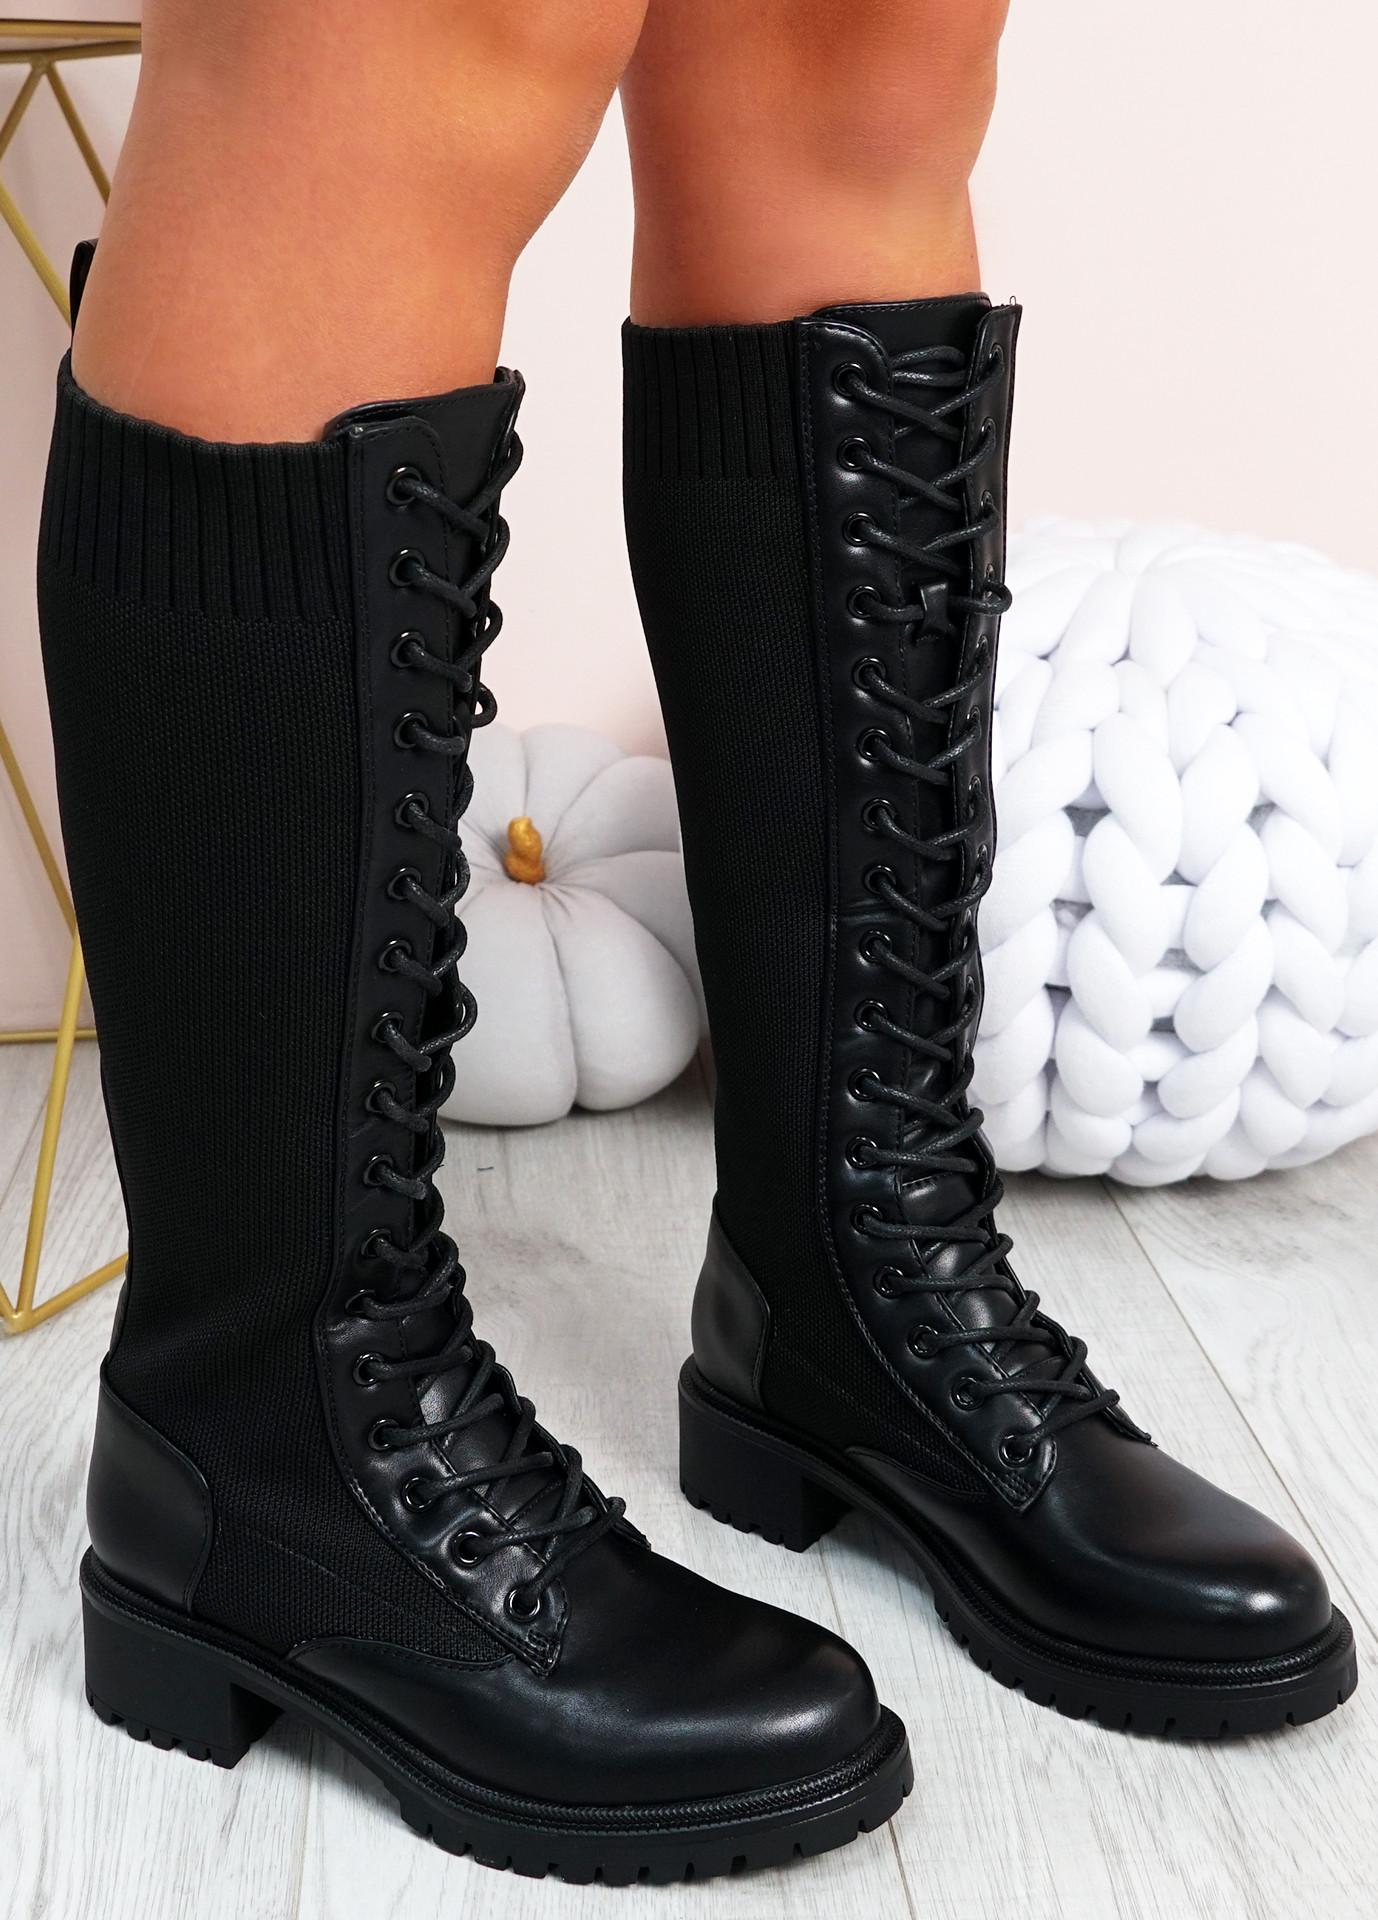 Misty Black Pu Knit Mid Calf Boots